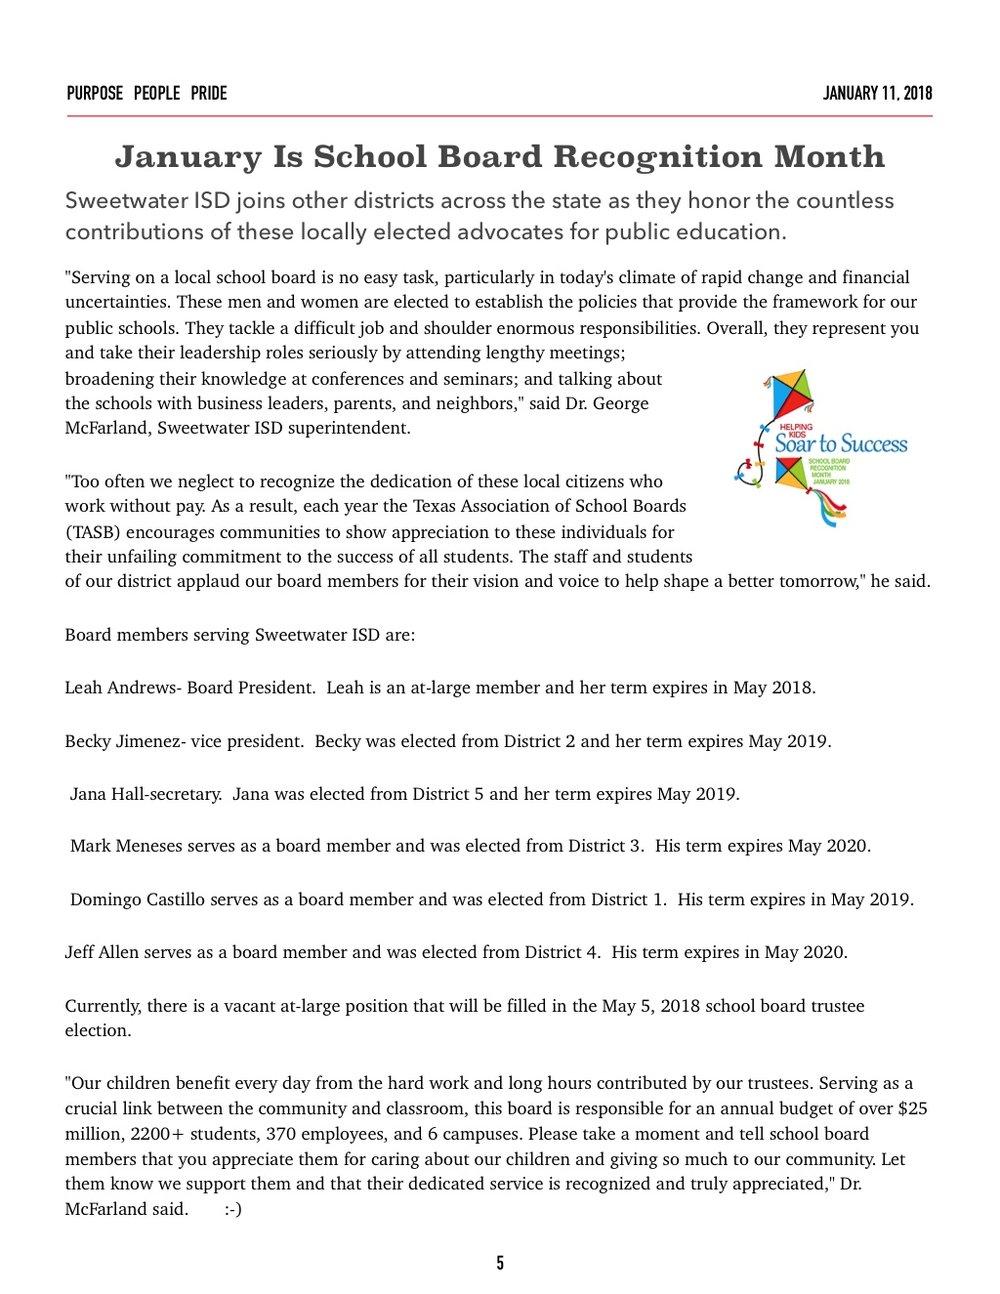 SISD Newsletter January 2018 copy-5.jpg